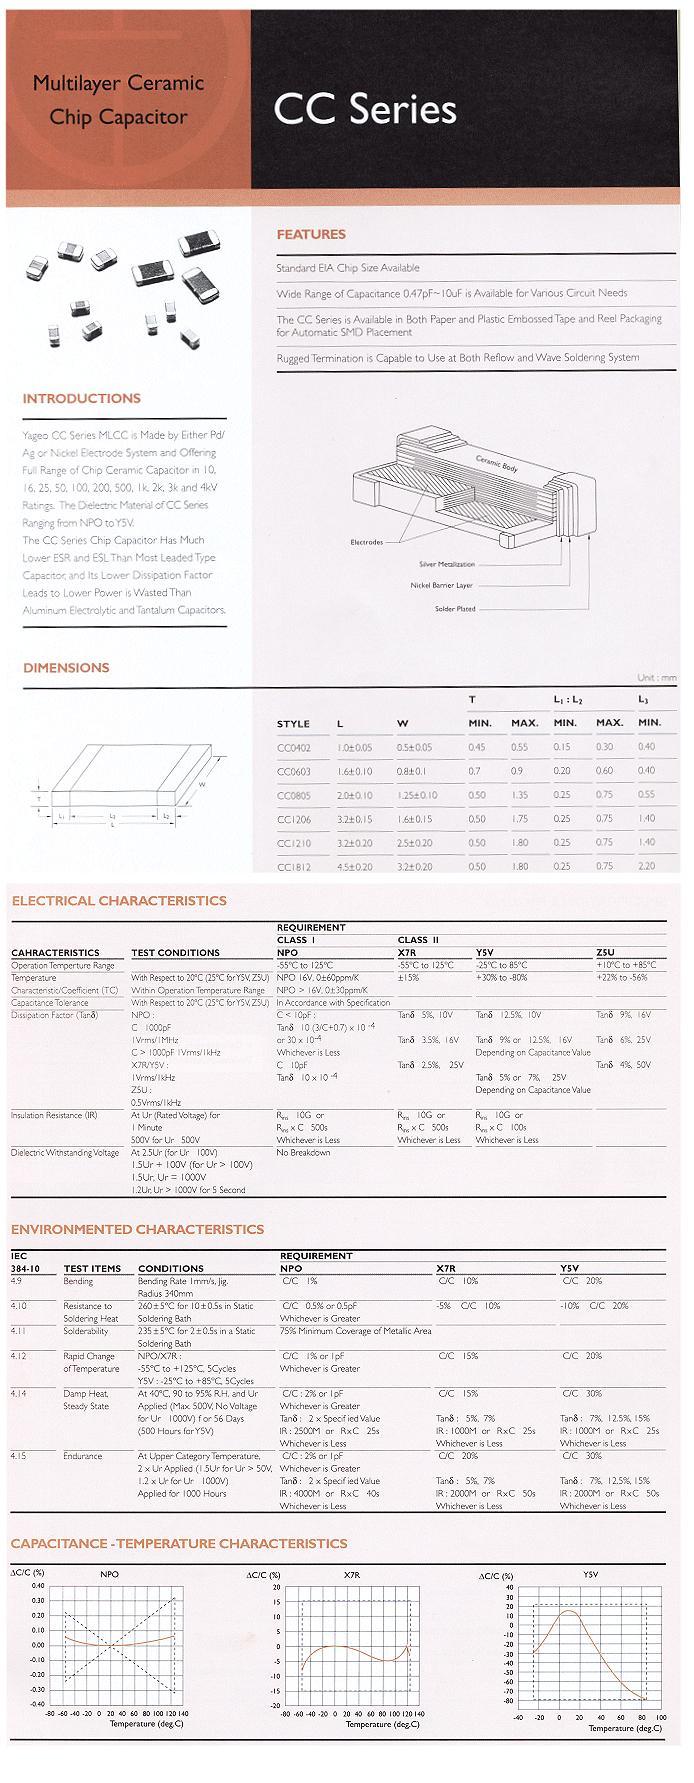 CHIP kondenzátor 50V 1pF 5%NP0 SMDC 1.0P 0805